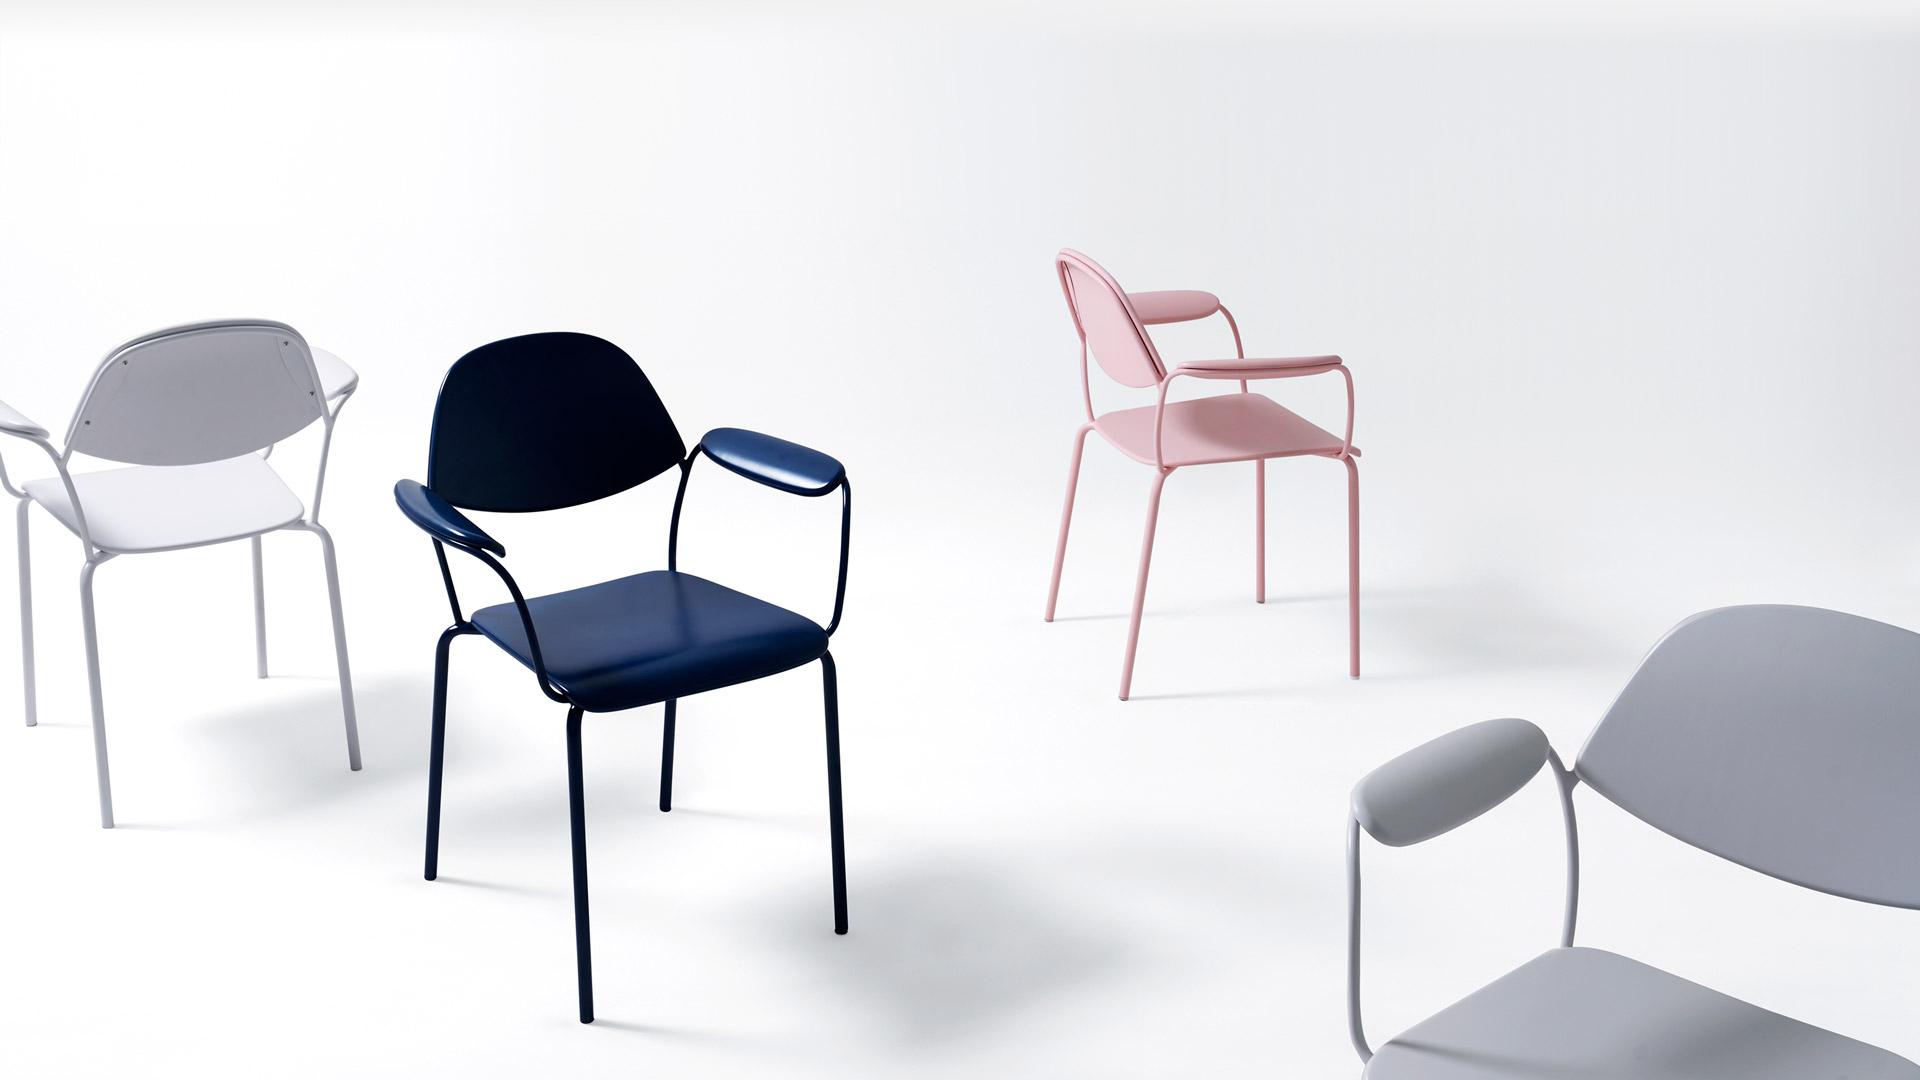 米白、青粉、海蓝,从不同种类的百合中提取最适宜家居环境的三色,理性与感性的完美融合,让餐椅、工作椅、单人休闲椅、会议椅……绽放各自的百合生命。